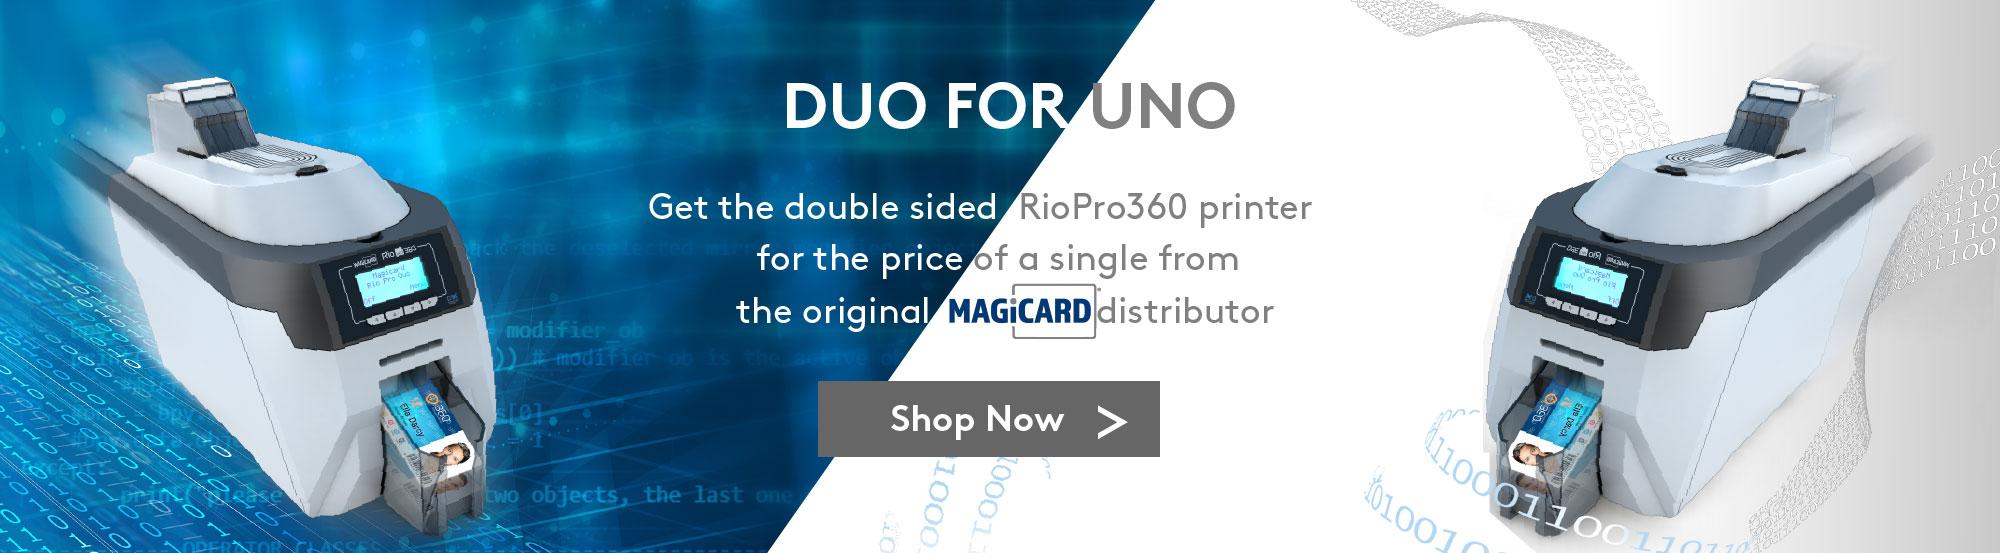 RioPro360 Printer Duo Uno Banner